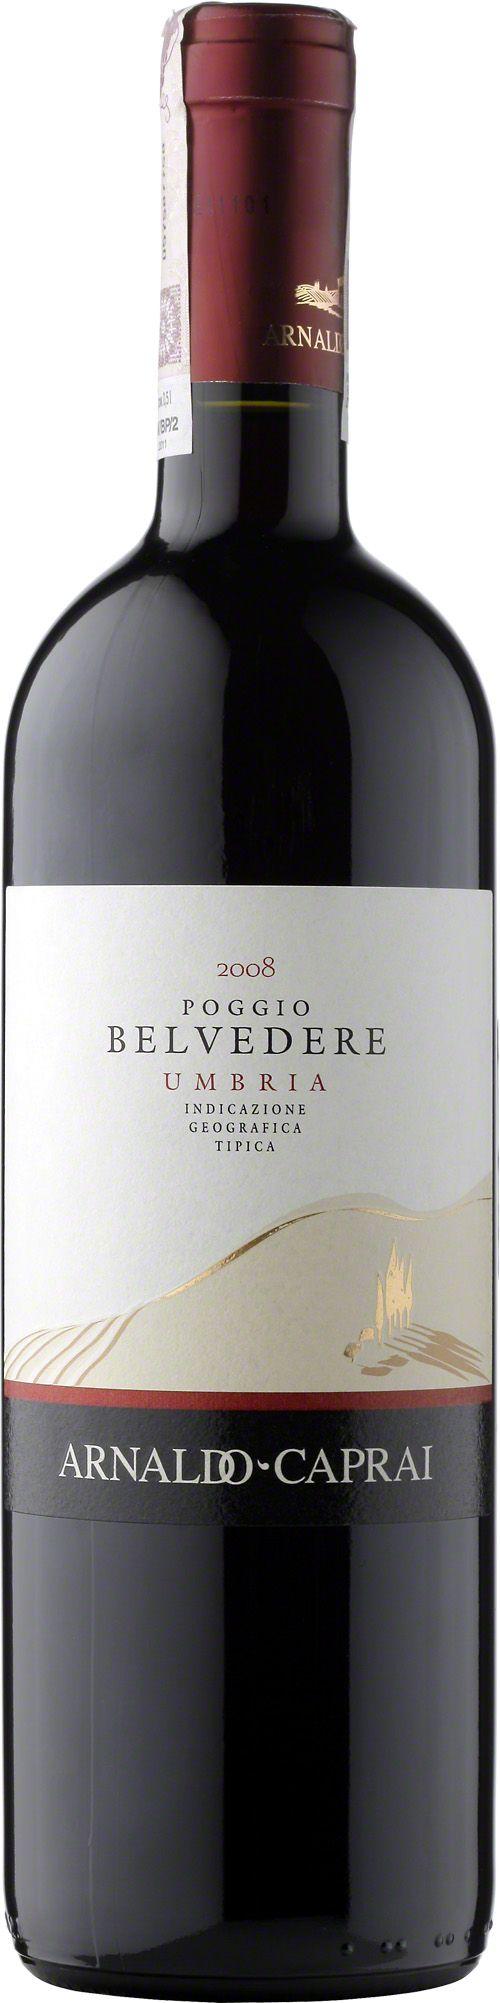 Poggio Belvedere Umbria Rosso I.G.T. Niezwykłe wino o rubinowym kolorze wraz z domieszką jasnego fioletu. Aromatyczne, owocowe z dodatkami przypraw korzennych. W smaku odkrywa pełen korpus, eleganckie a zarazem miękkie. Przed podaniem zalecane jest co najmniej godzinne dekantowanie wina. #Poggio #Belvedere #Umbria #Rosso #ArnaldoCaprai #Sangiovese #Cillegiolo #Włochy #Wino #Winezja